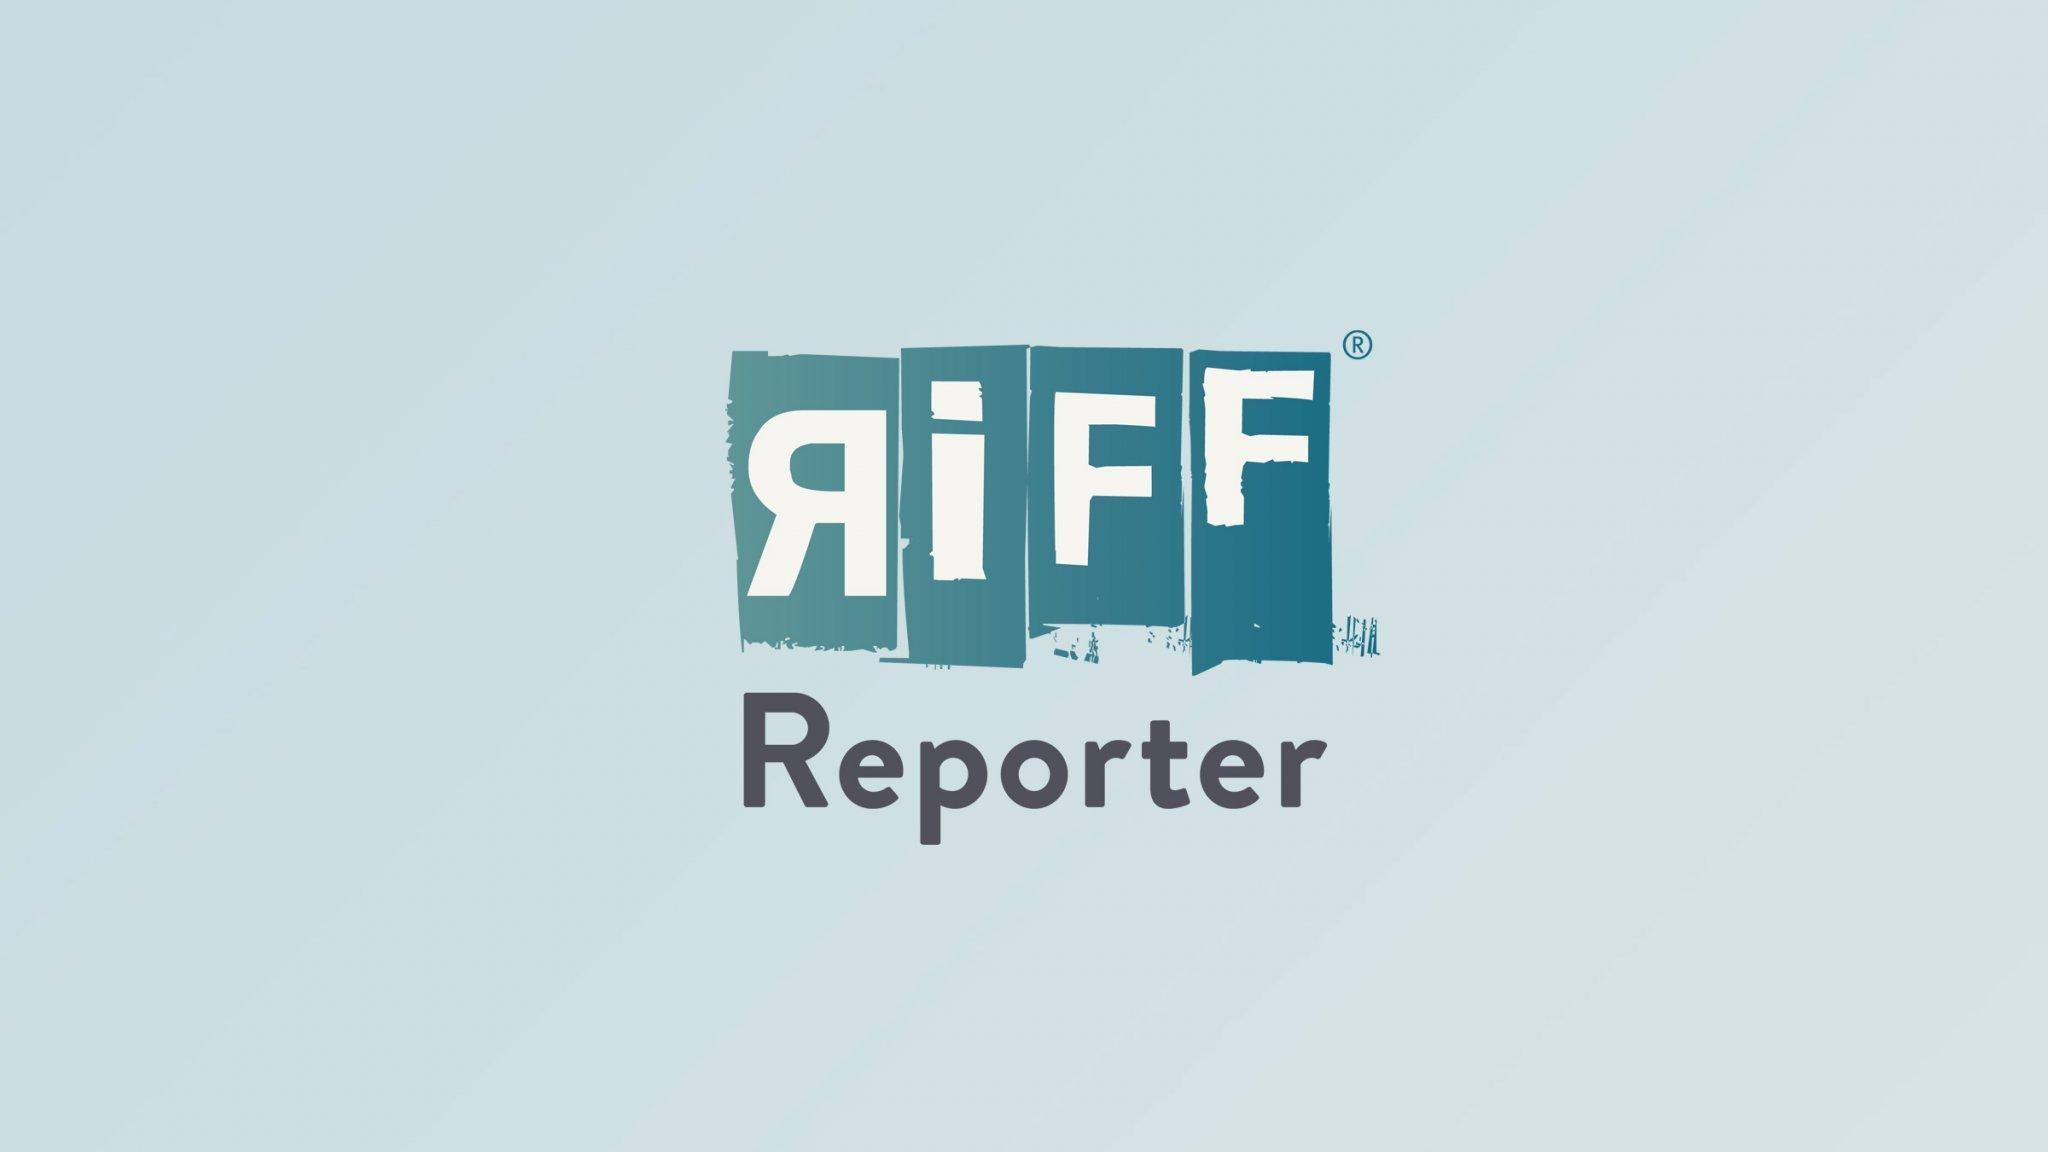 Die Grafik zeigt zwei Schülerinnen, die vor der Schule Cola trinken und Schokolade essen.